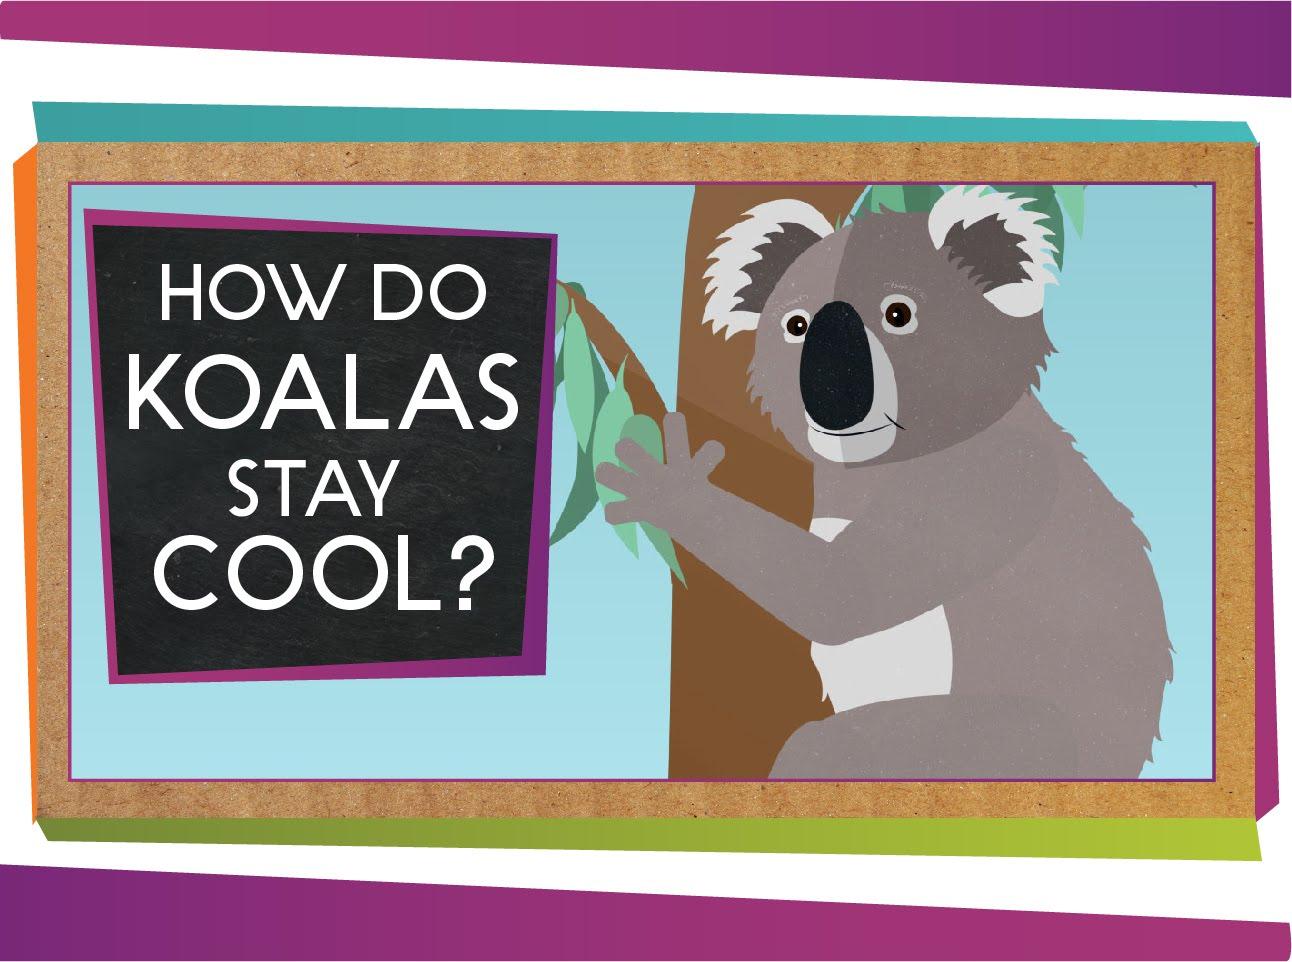 好熱啊!毛茸茸的無尾熊怎麼『涼涼』過日子?